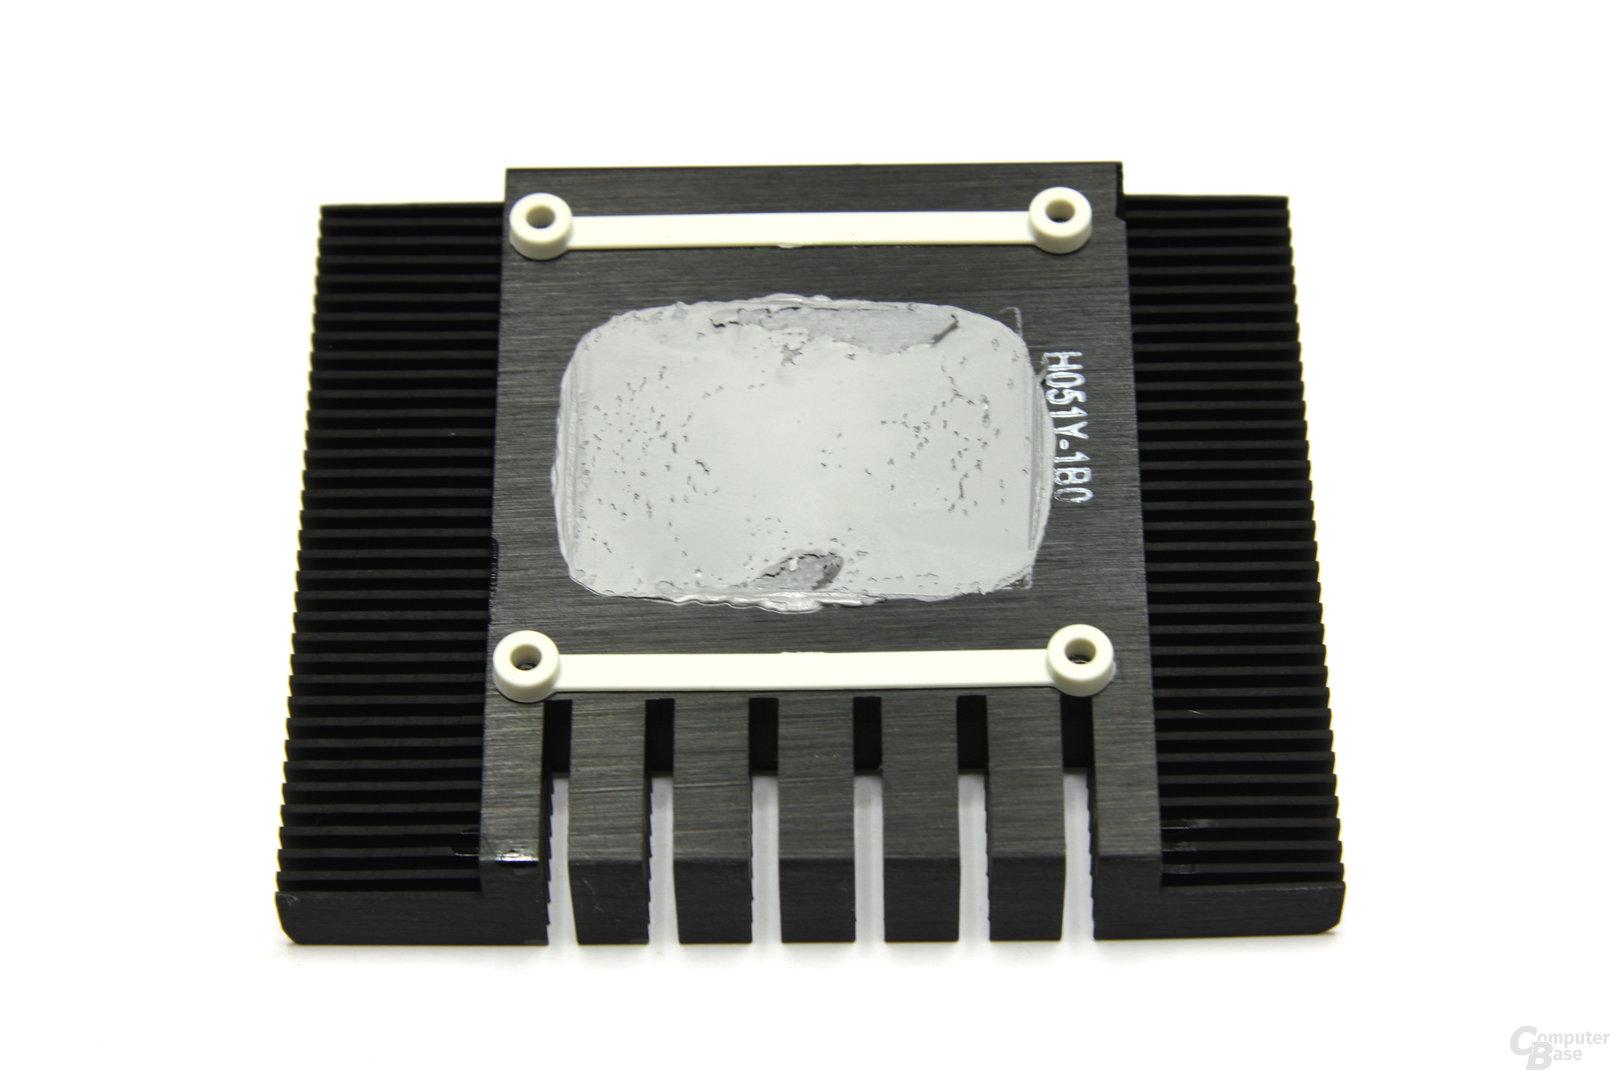 GeForce GTX 460 Sonic 2GB Kühlerrückseite